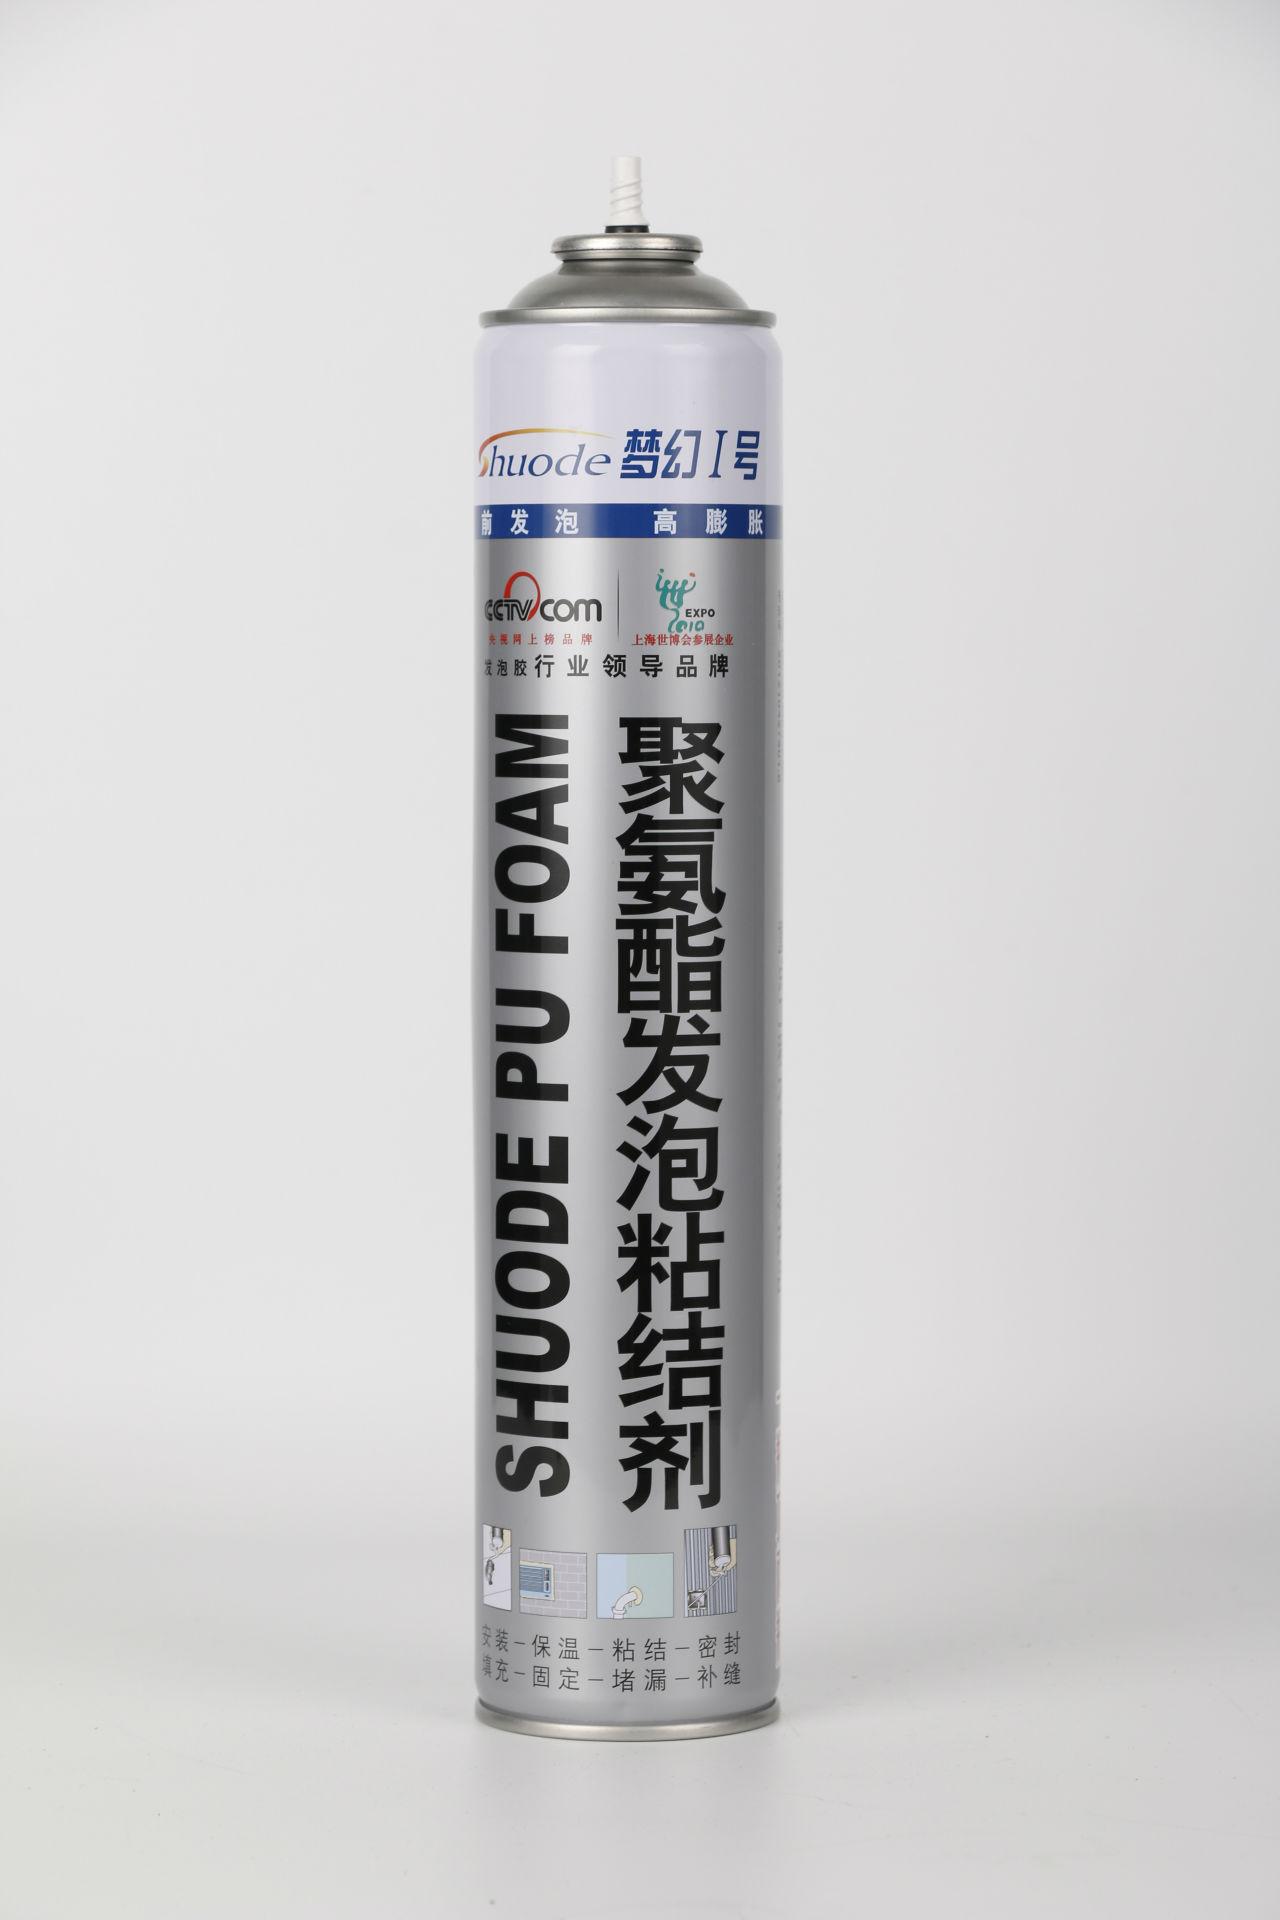 聚氨酯发泡胶价格_有品质的聚氨酯发泡胶品牌介绍